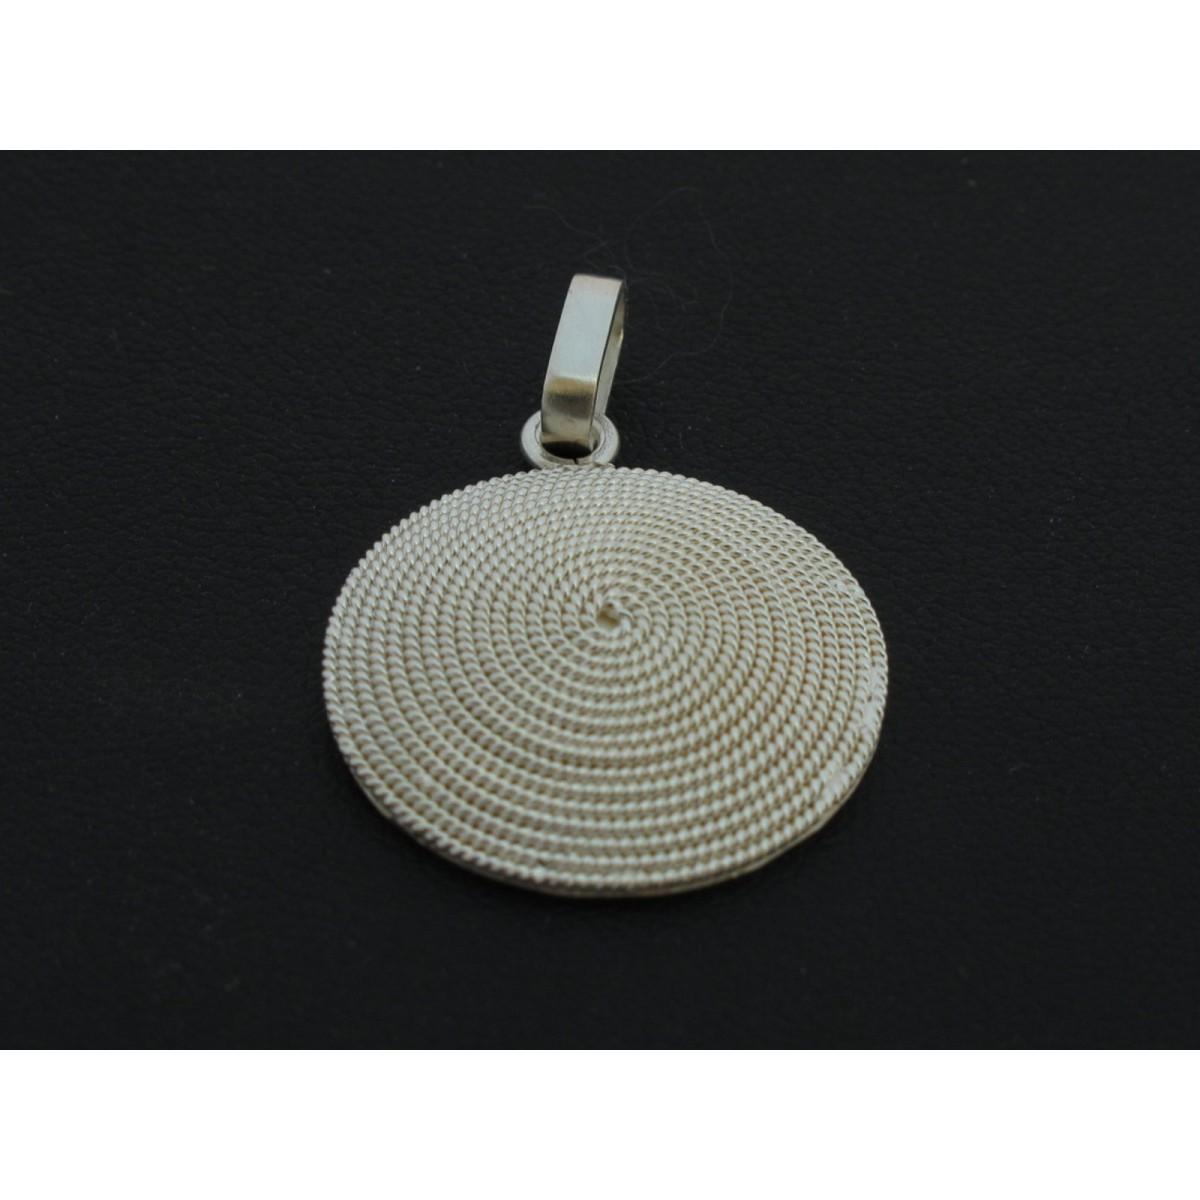 http://www.gioiellipiluzza.com/210-604-thickbox/ciondolo-argento-filigrana.jpg